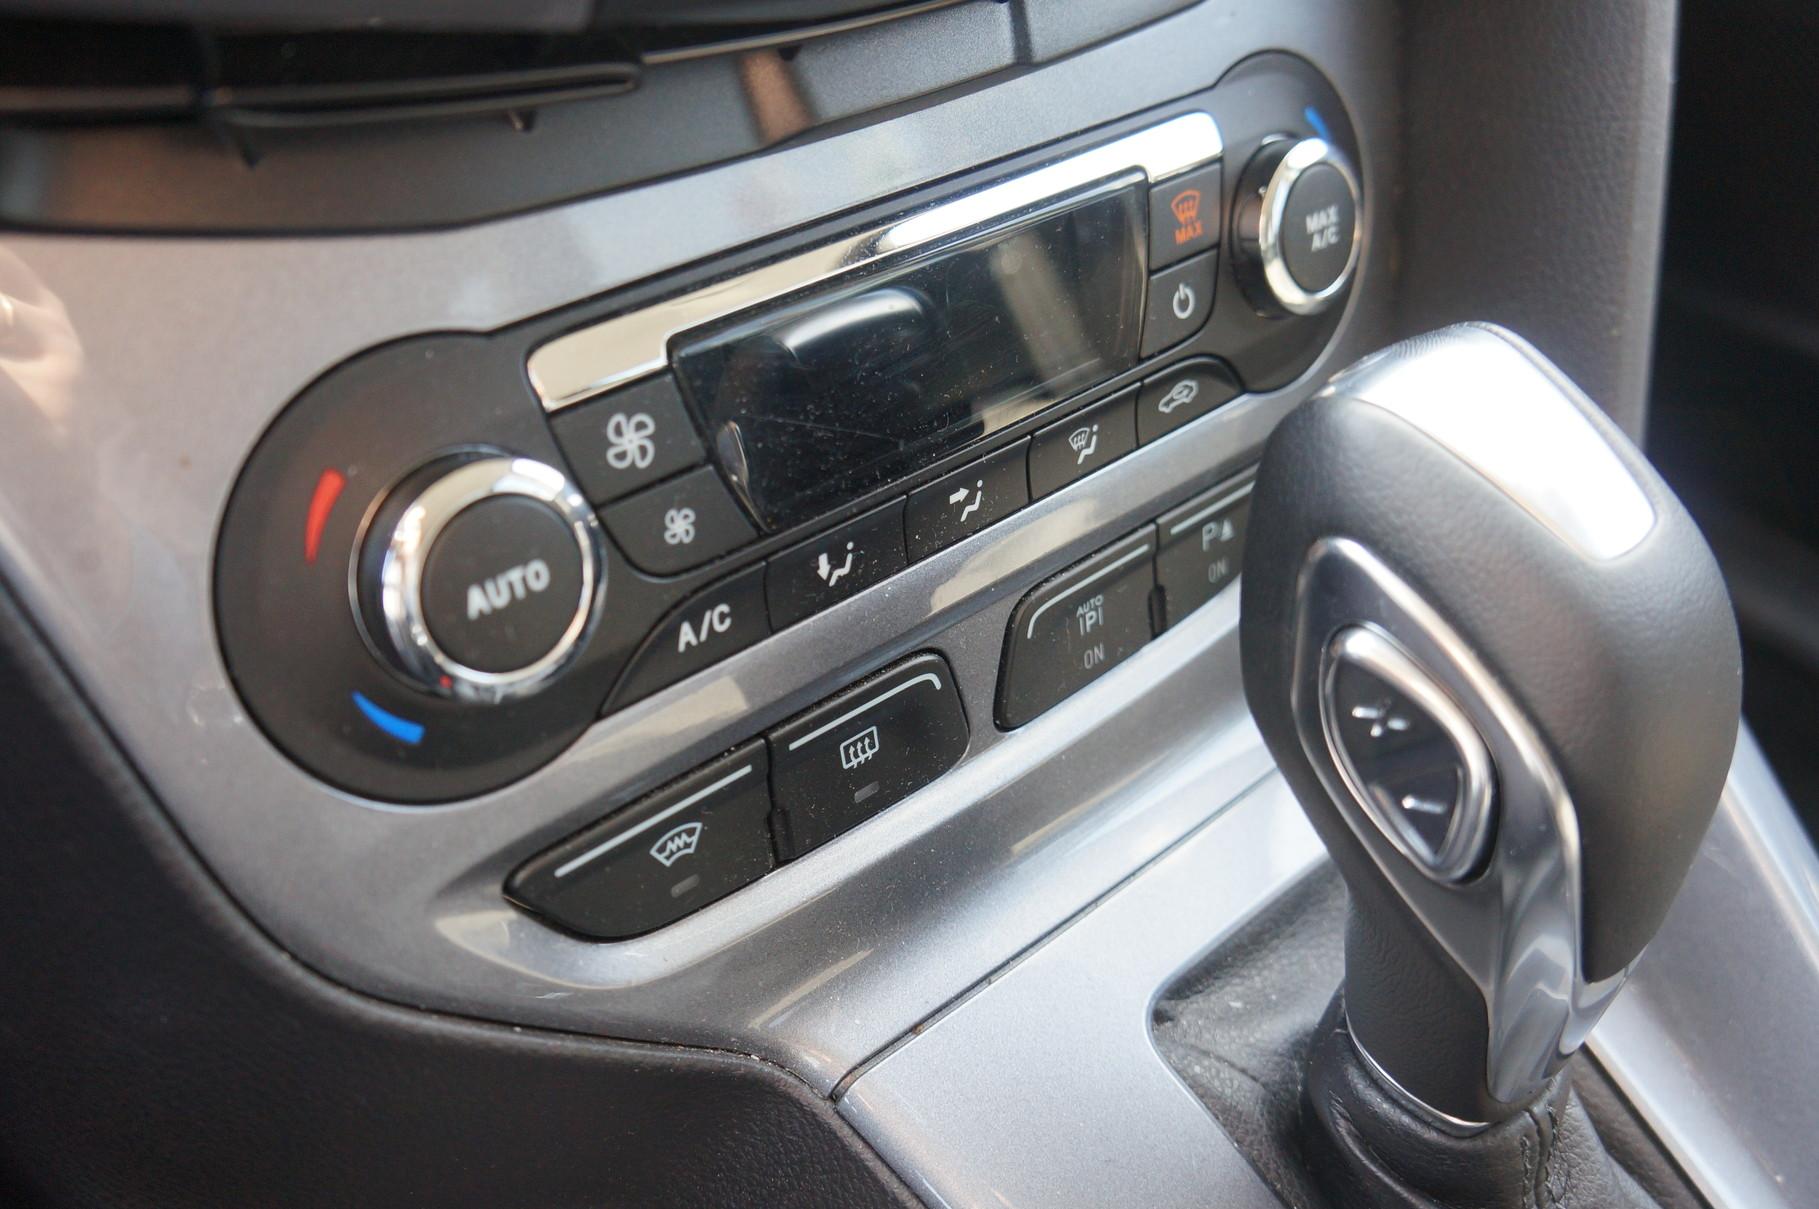 Кнопка на рычаге АКП позволяет переключать передачи самостоятельно